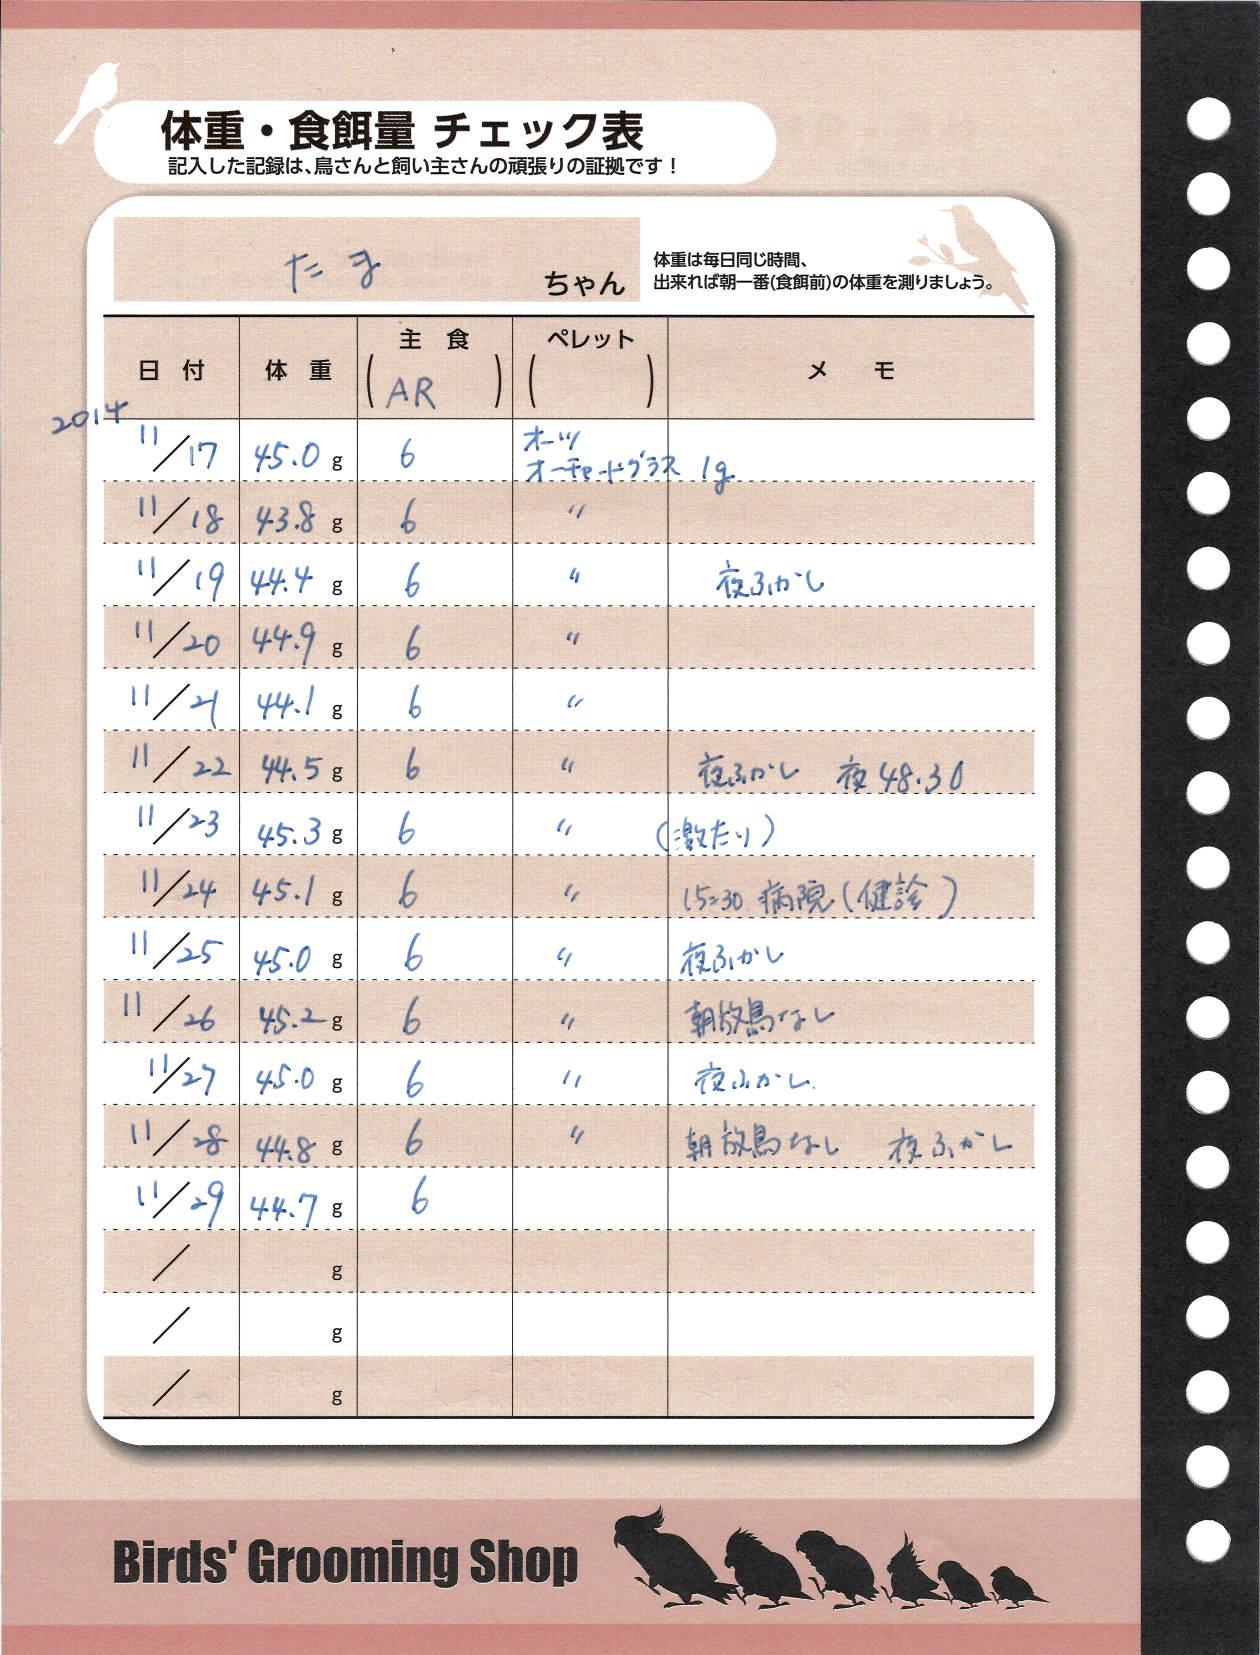 たまちゃんダイエット記録用紙20141129-1